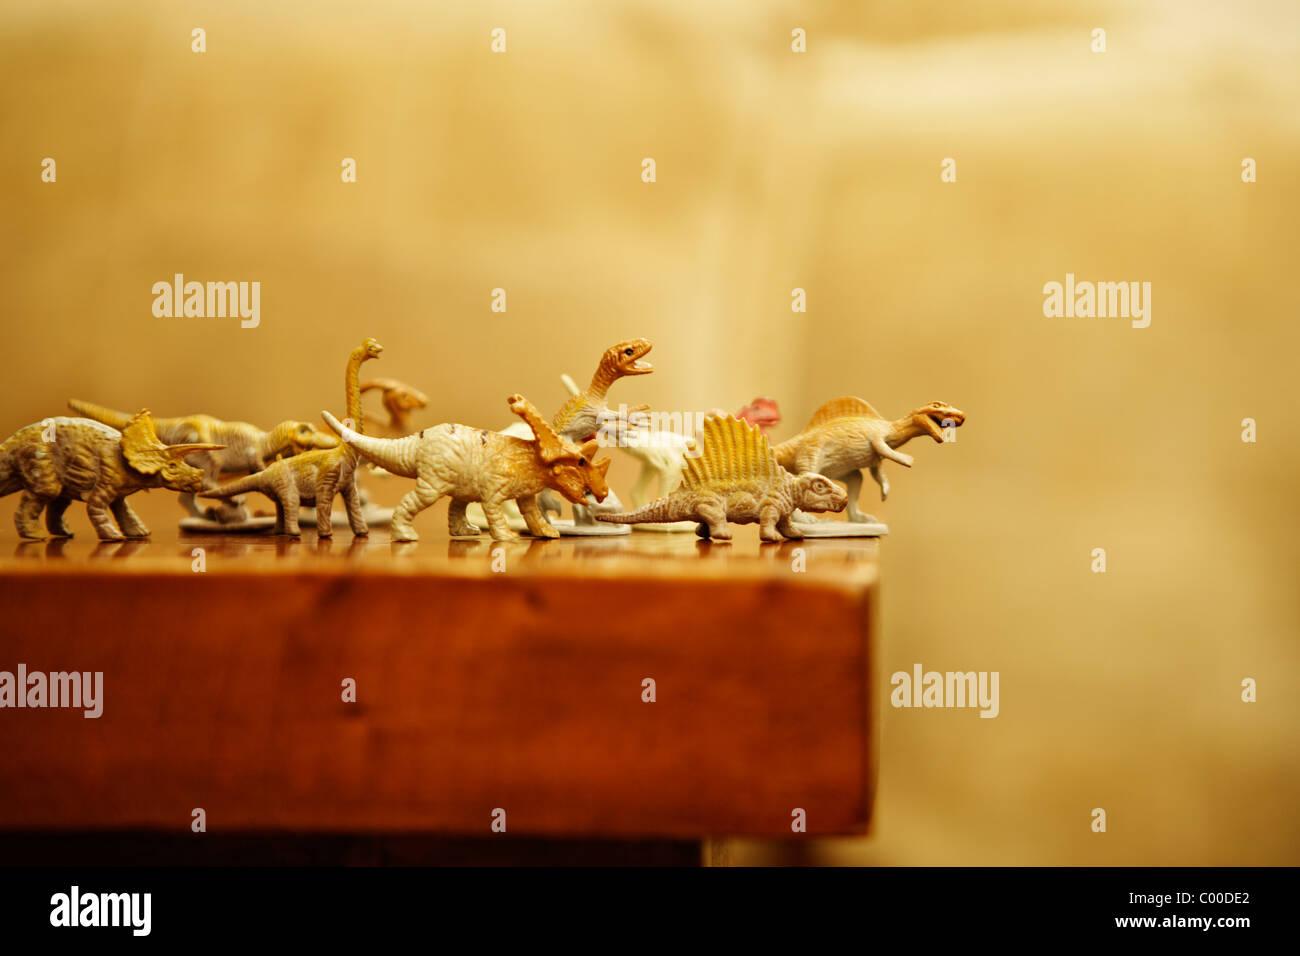 Dinosaurios de juguete rush el borde de corte de la tabla Foto de stock